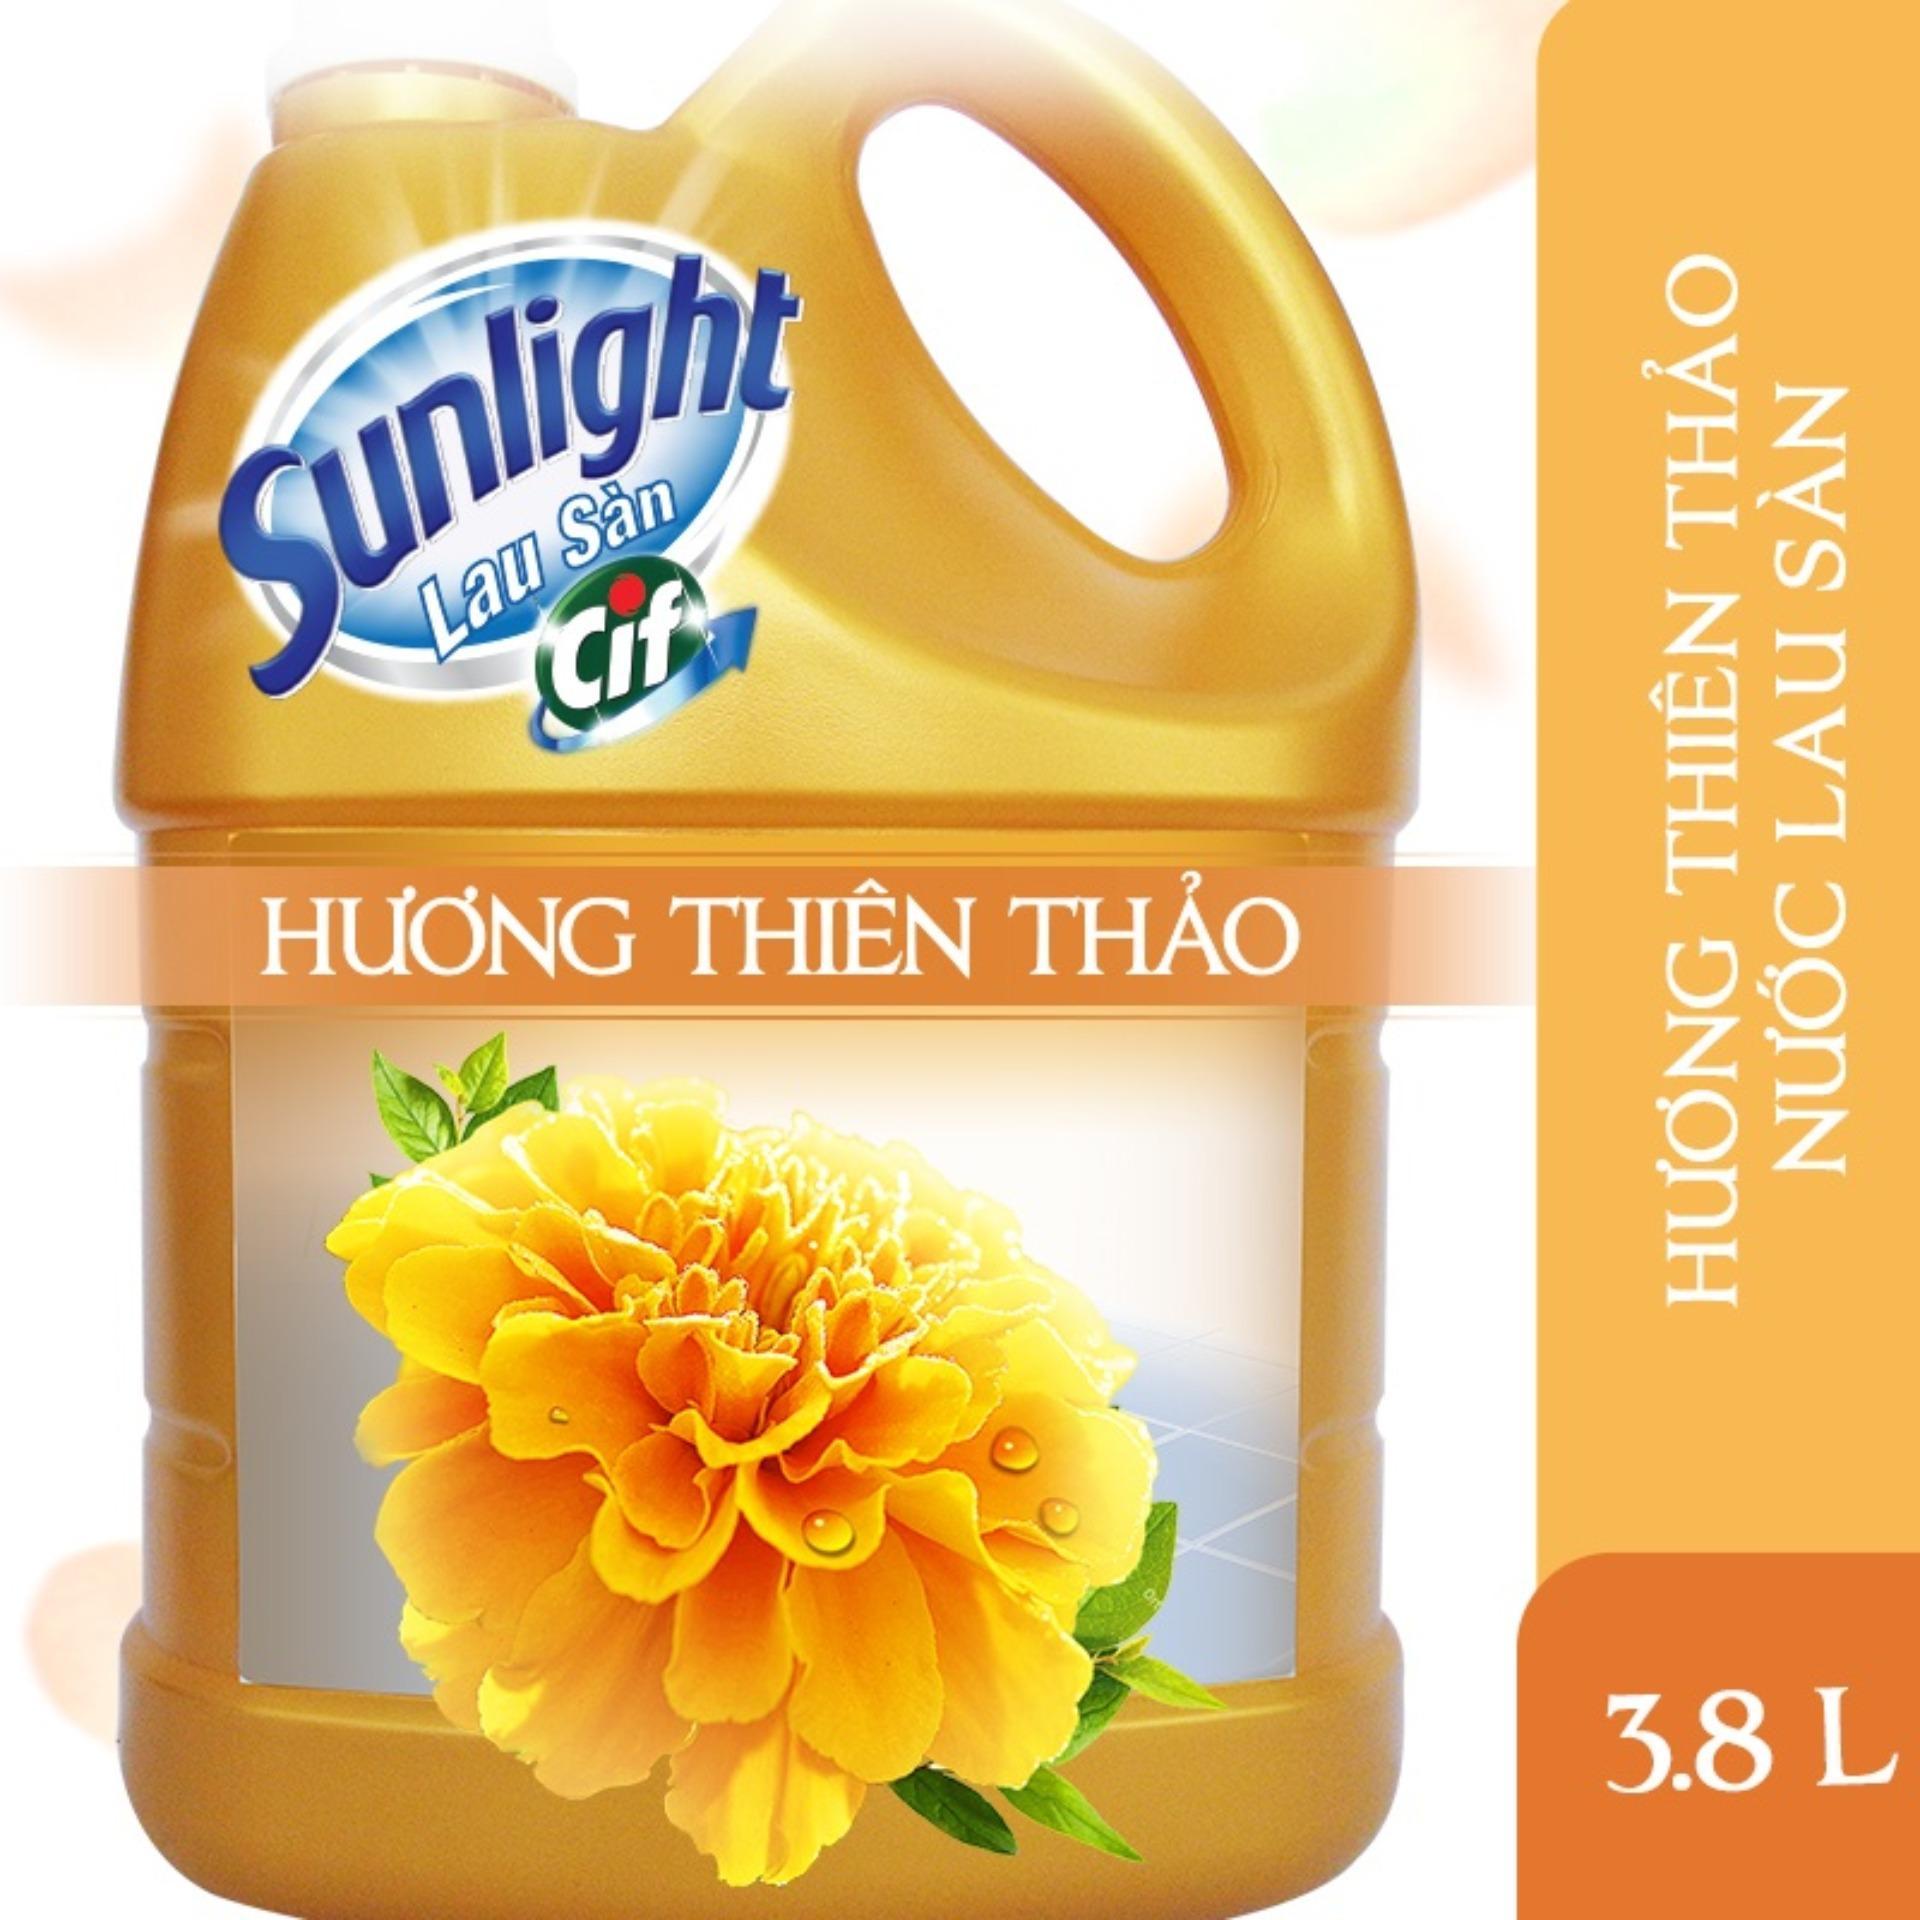 Sunlight Lau Sàn - HƯƠNG THIÊN THẢO MỚI Can 3.8kg